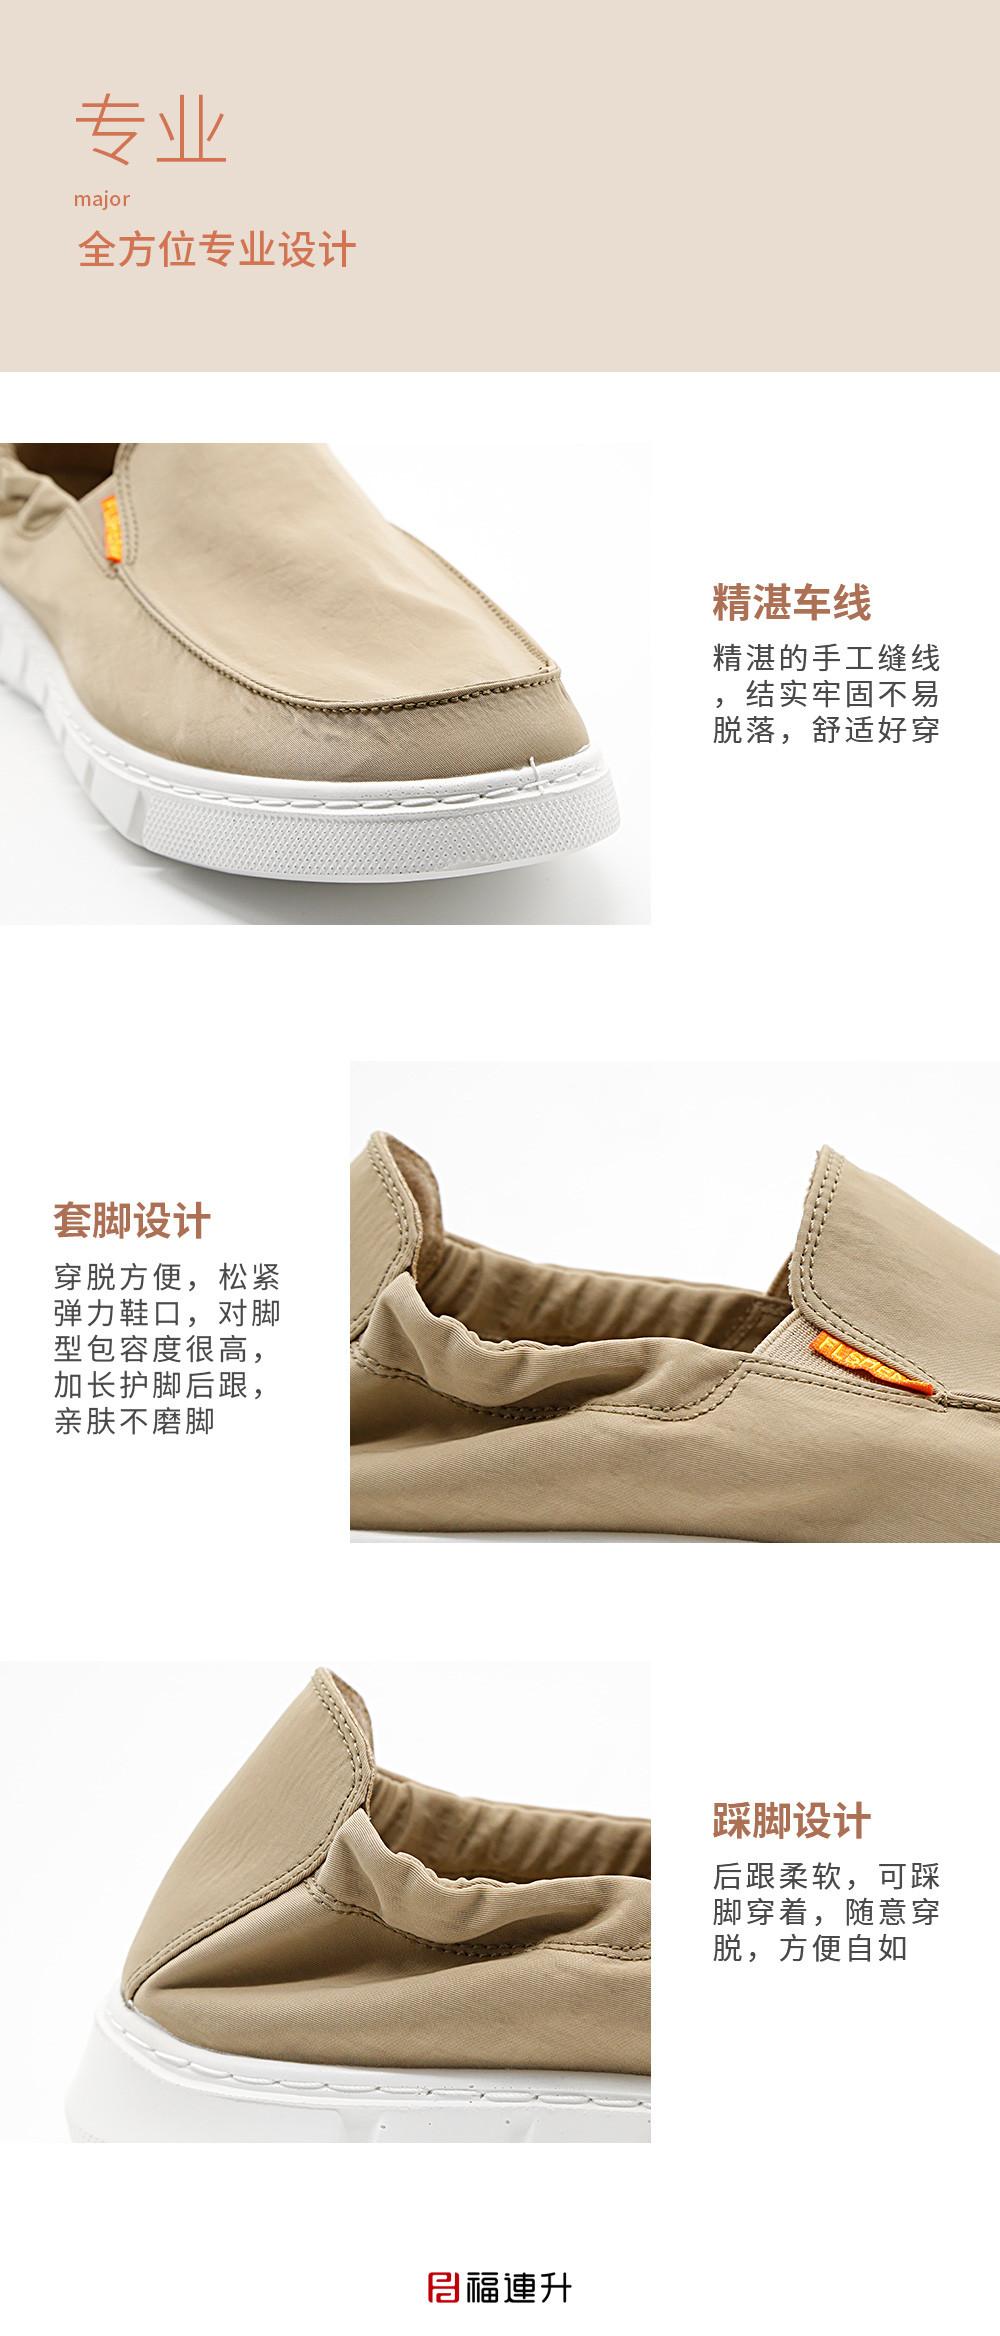 老北京布鞋男透棉麻舒适气软底弹力超轻布鞋爸爸鞋图片